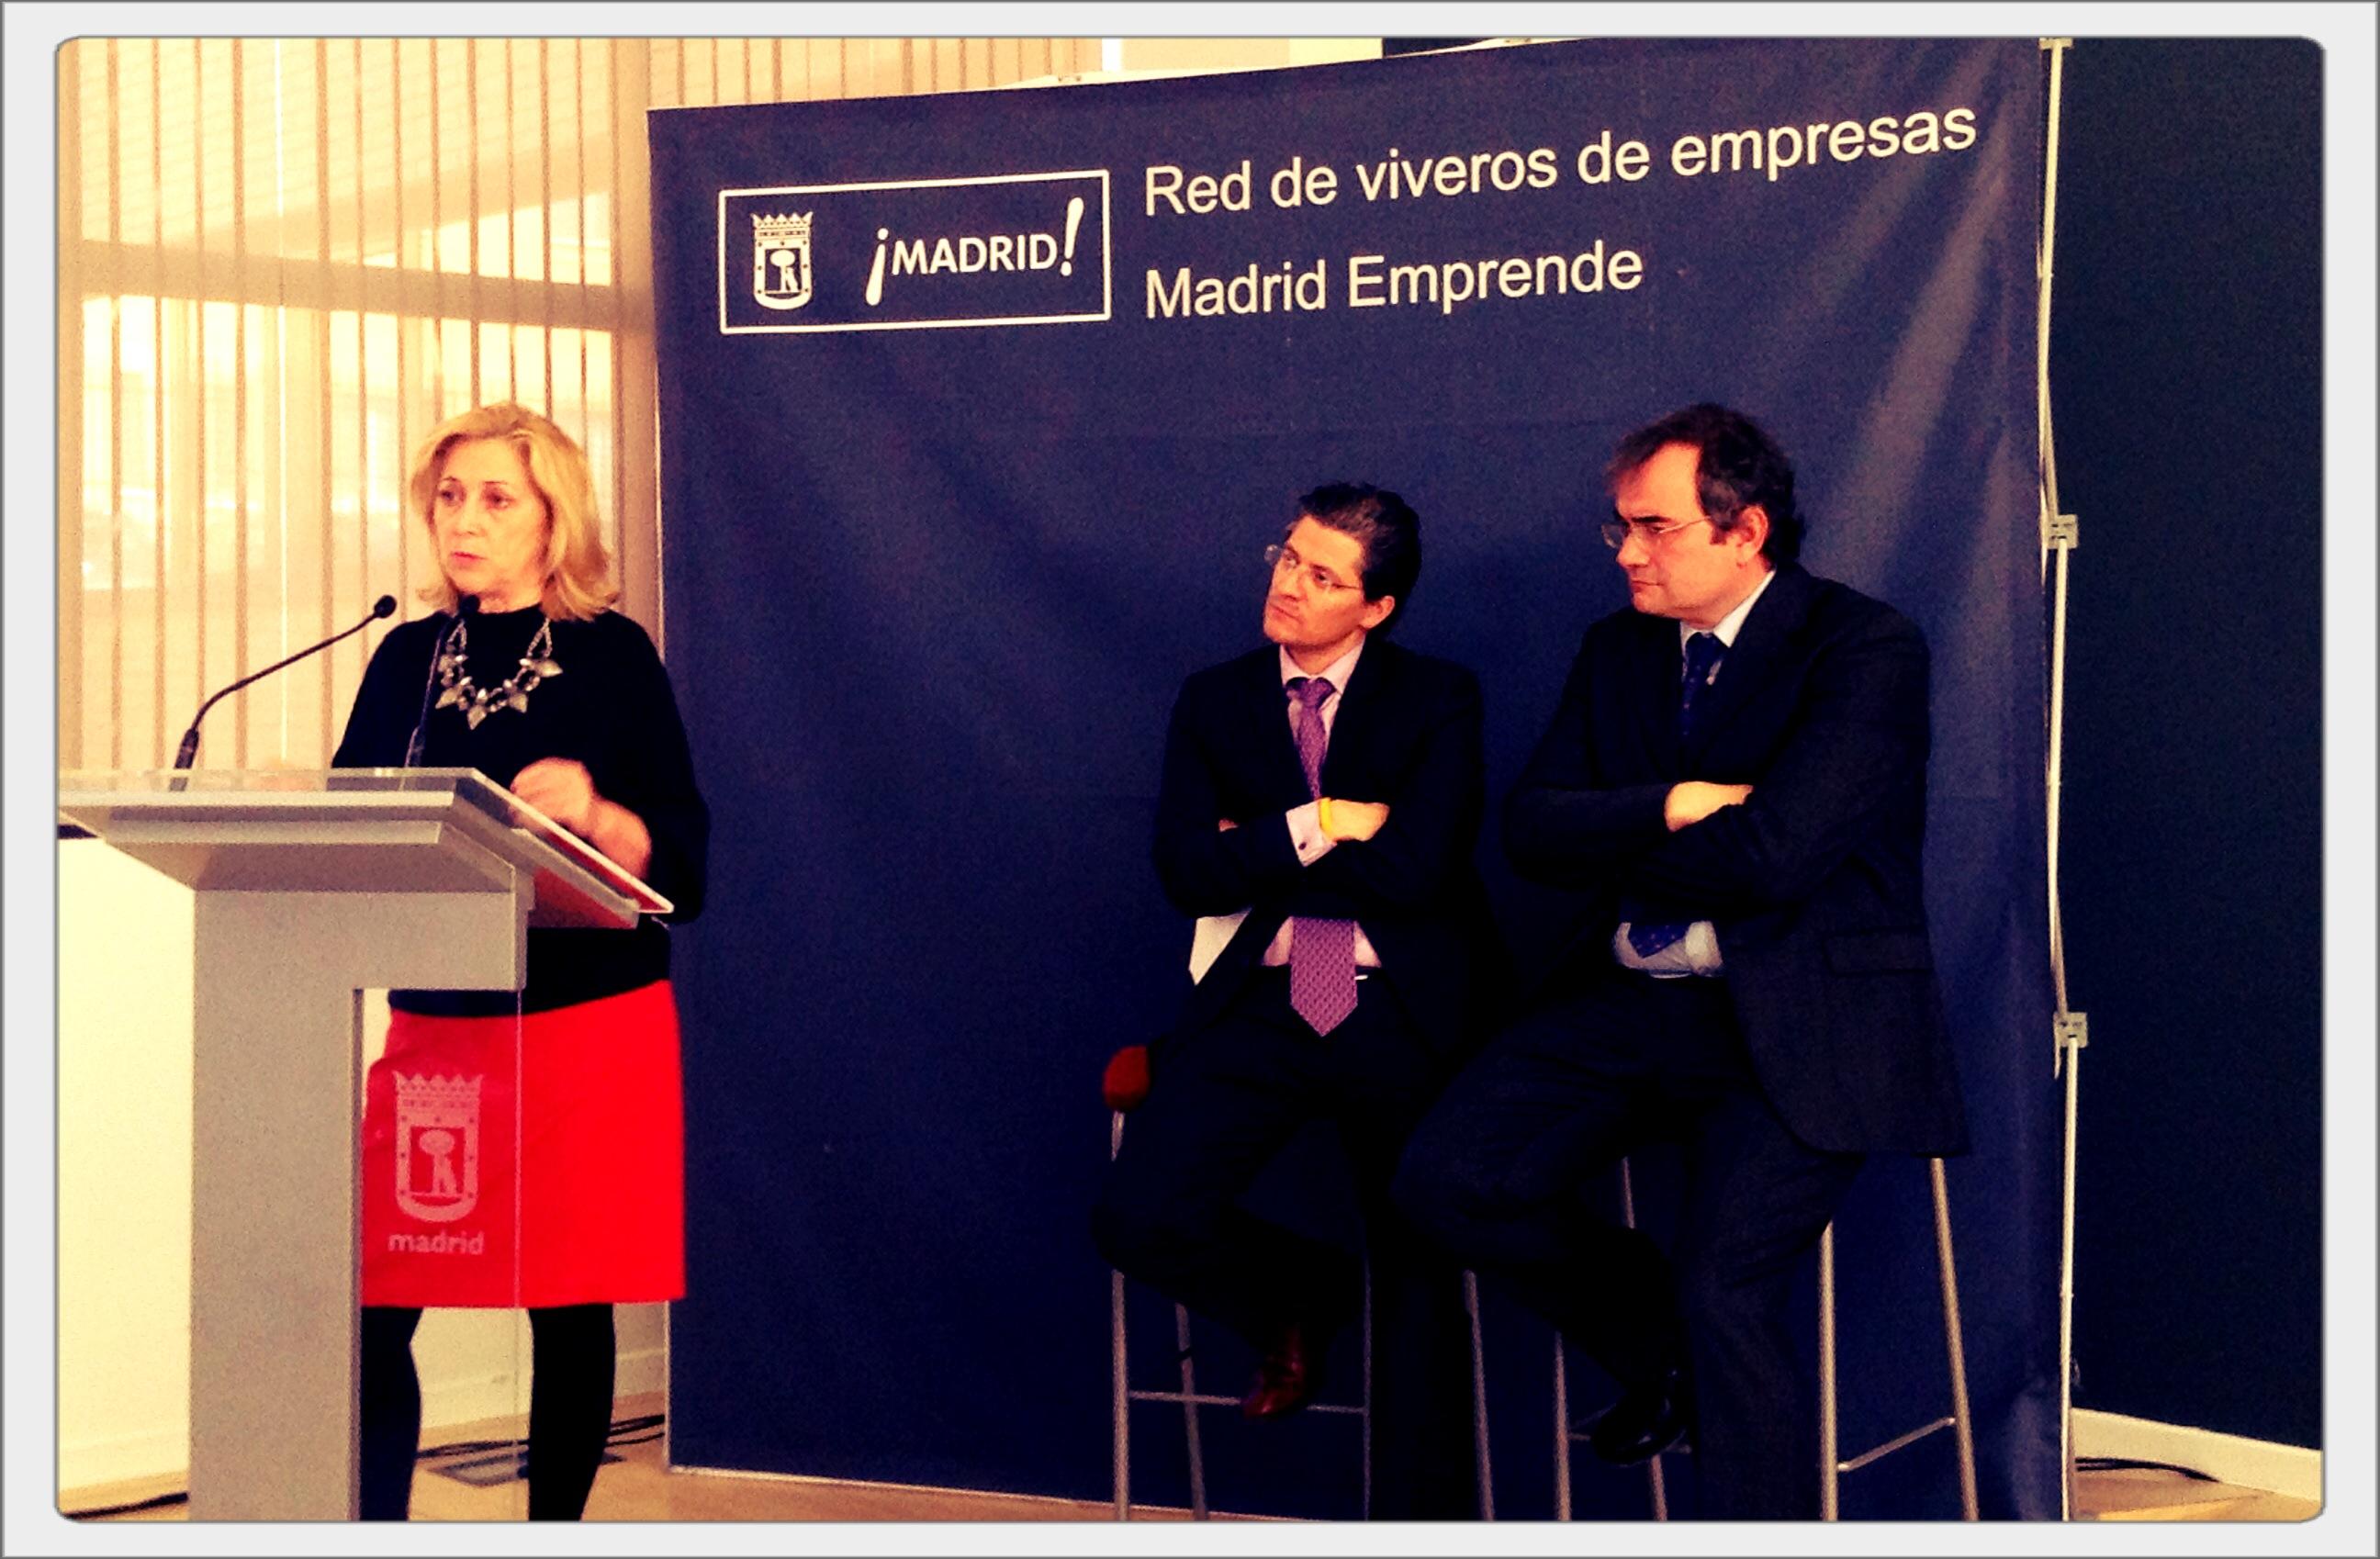 A @MadridEmprende, le salen las cuentas: más de 1.300 empresas constituidas en 2013